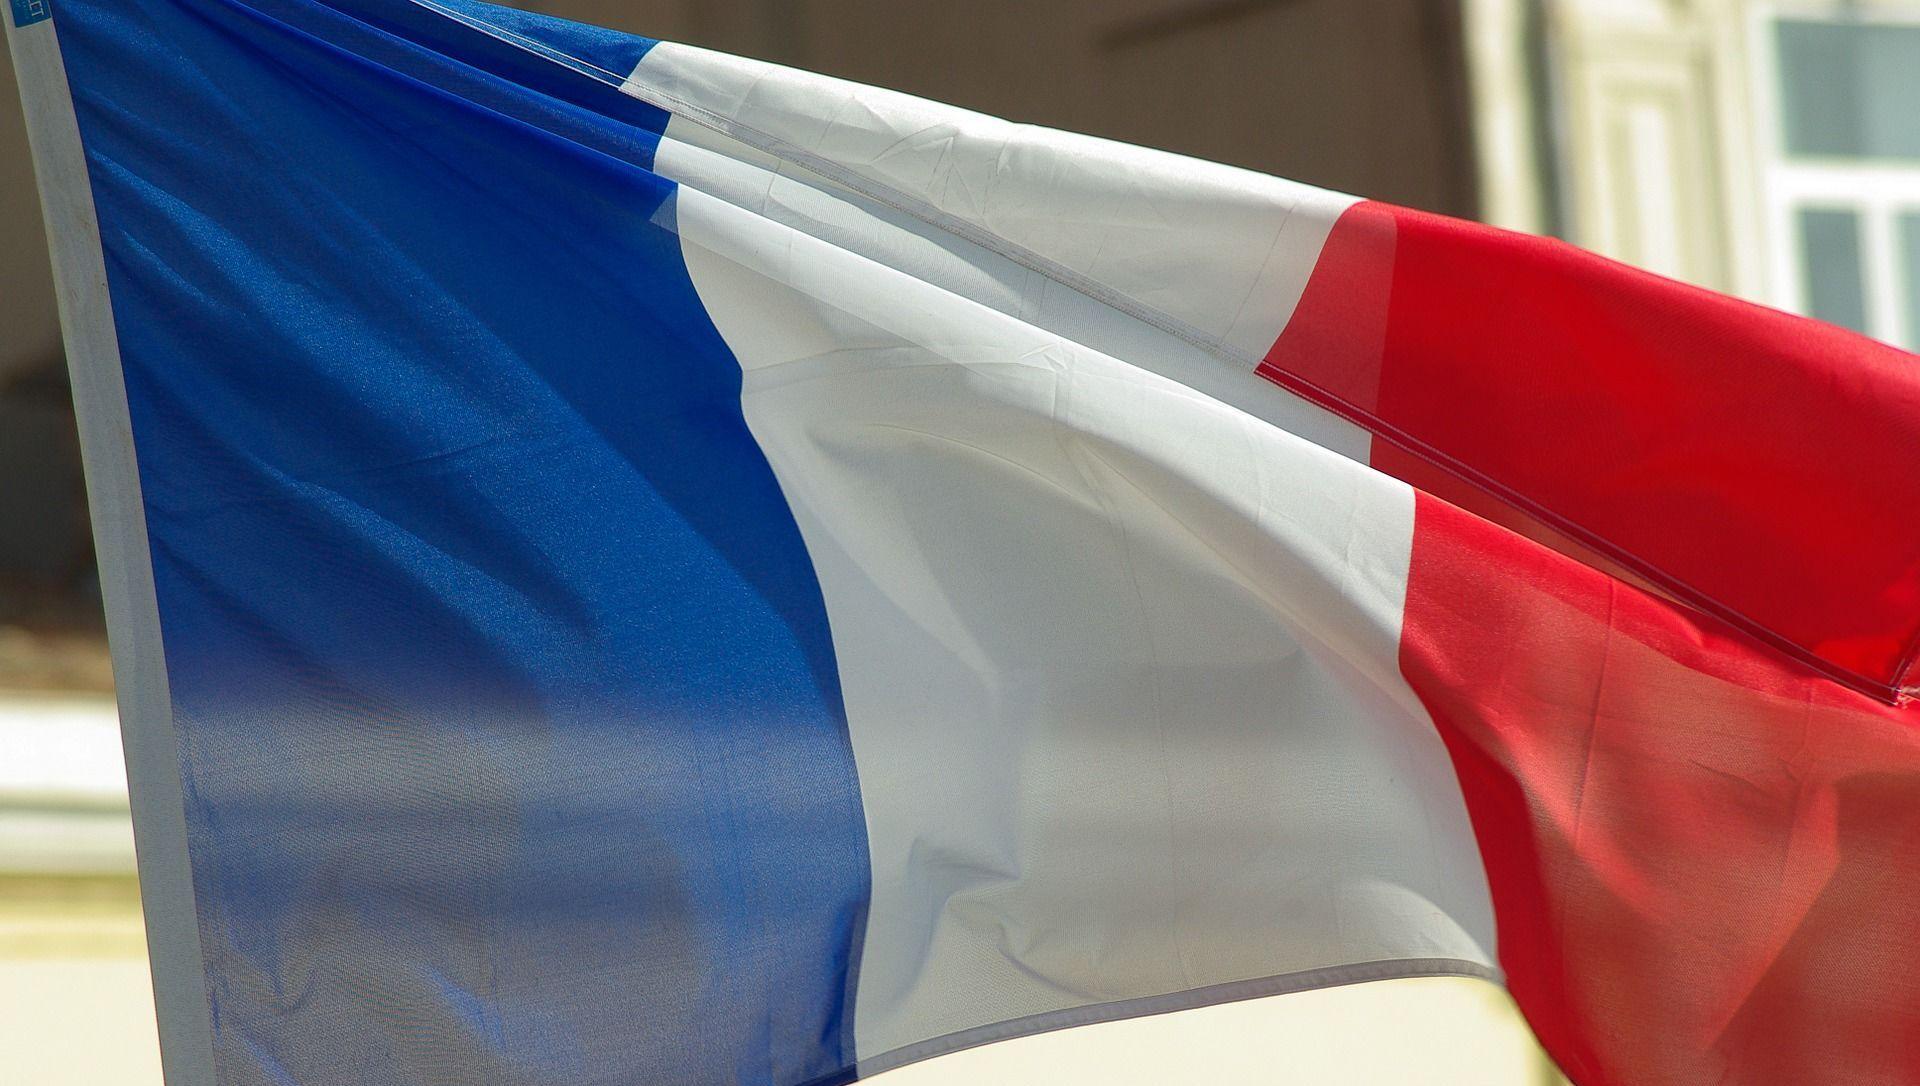 Le drapeau français  - Sputnik France, 1920, 26.02.2021